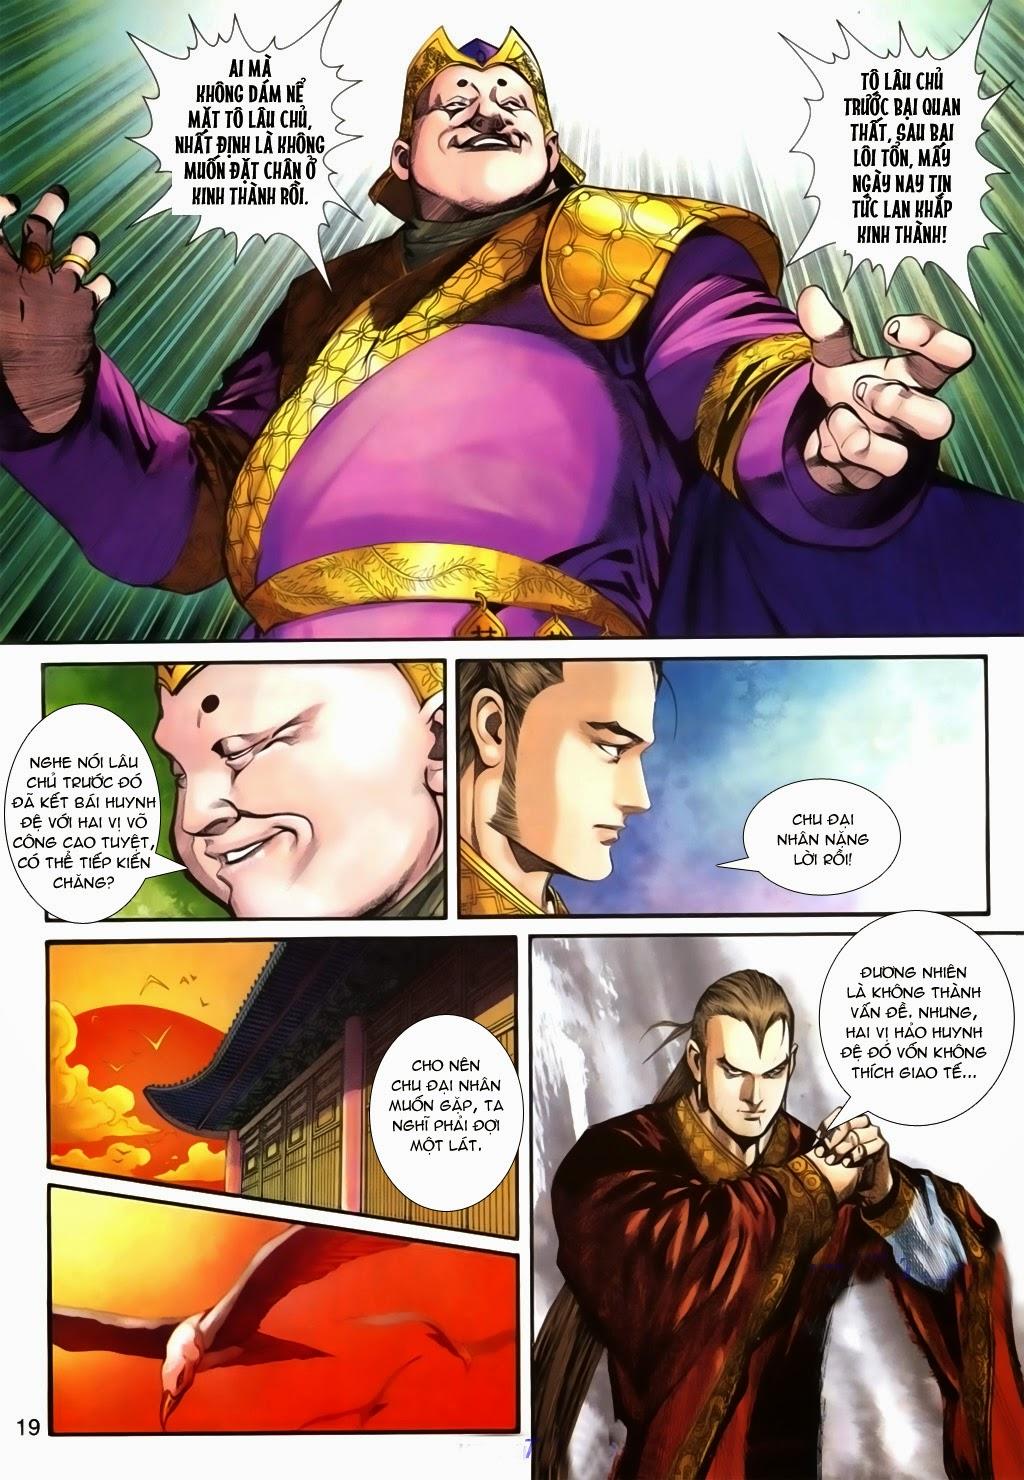 Thuyết Anh Hùng Thùy Thị Anh Hùng chap 16 Trang 20 - Mangak.info